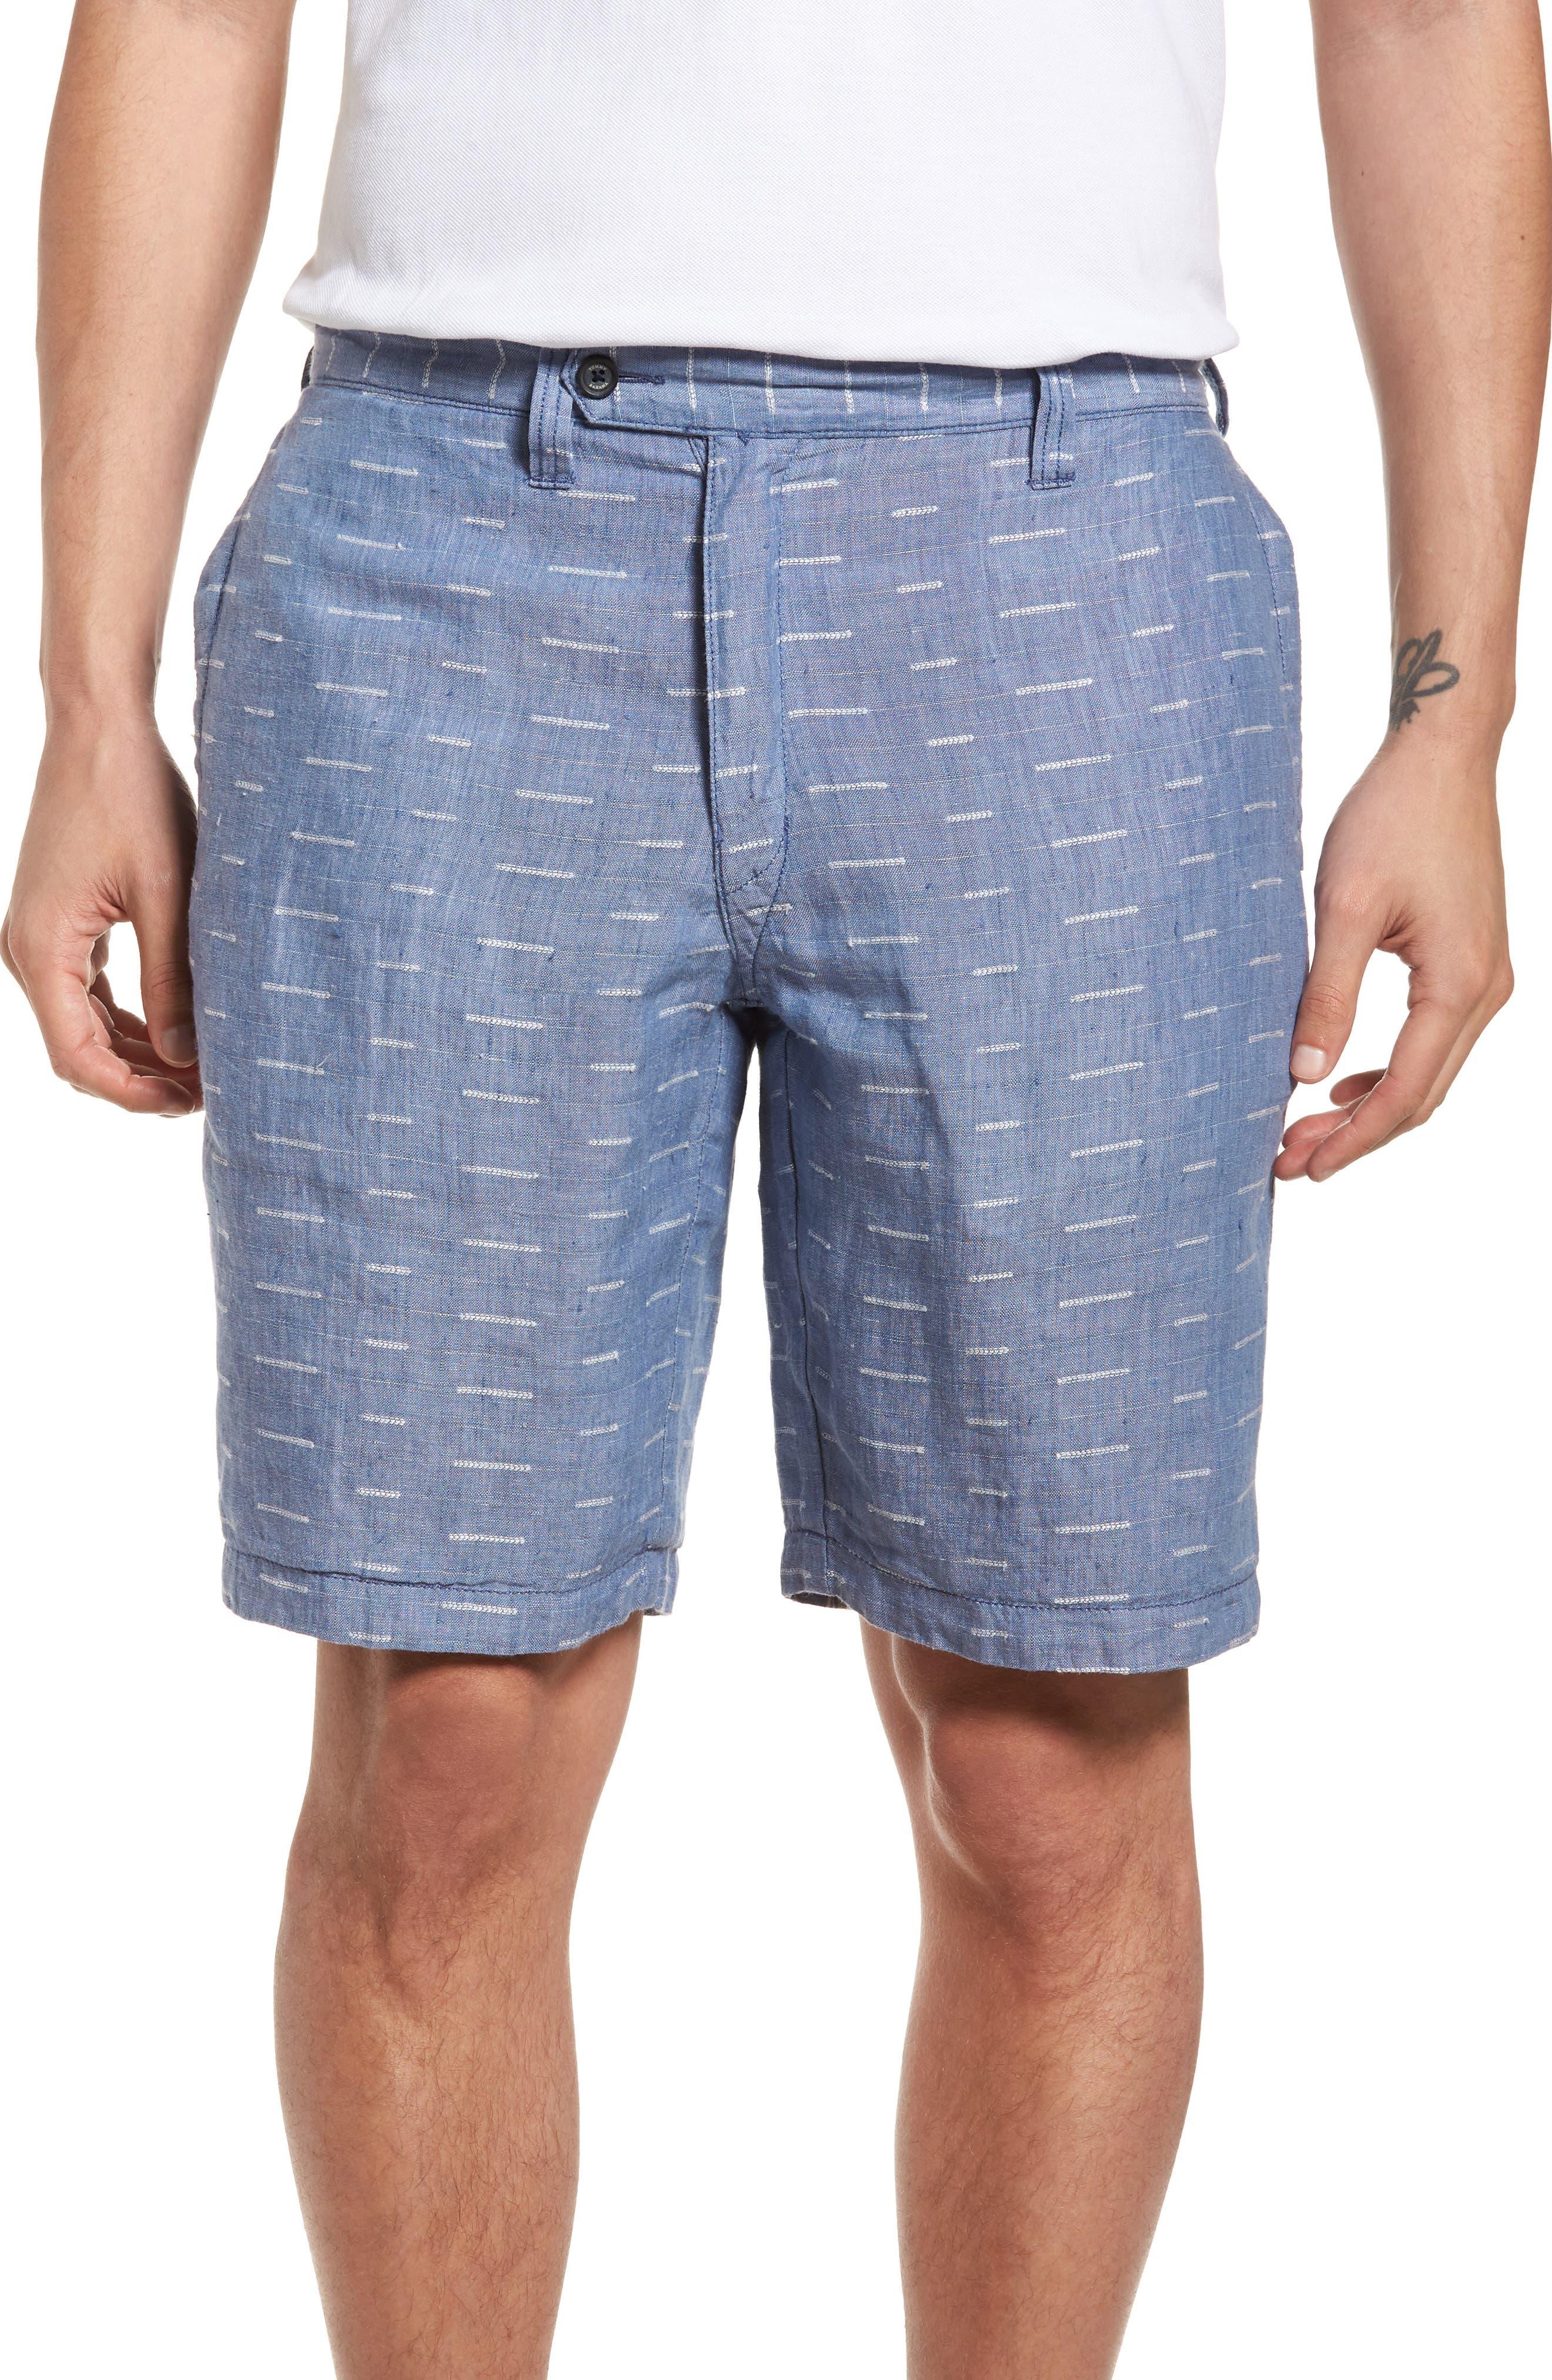 Plaid de Leon Reversible Linen Shorts,                             Alternate thumbnail 2, color,                             Dockside Blue